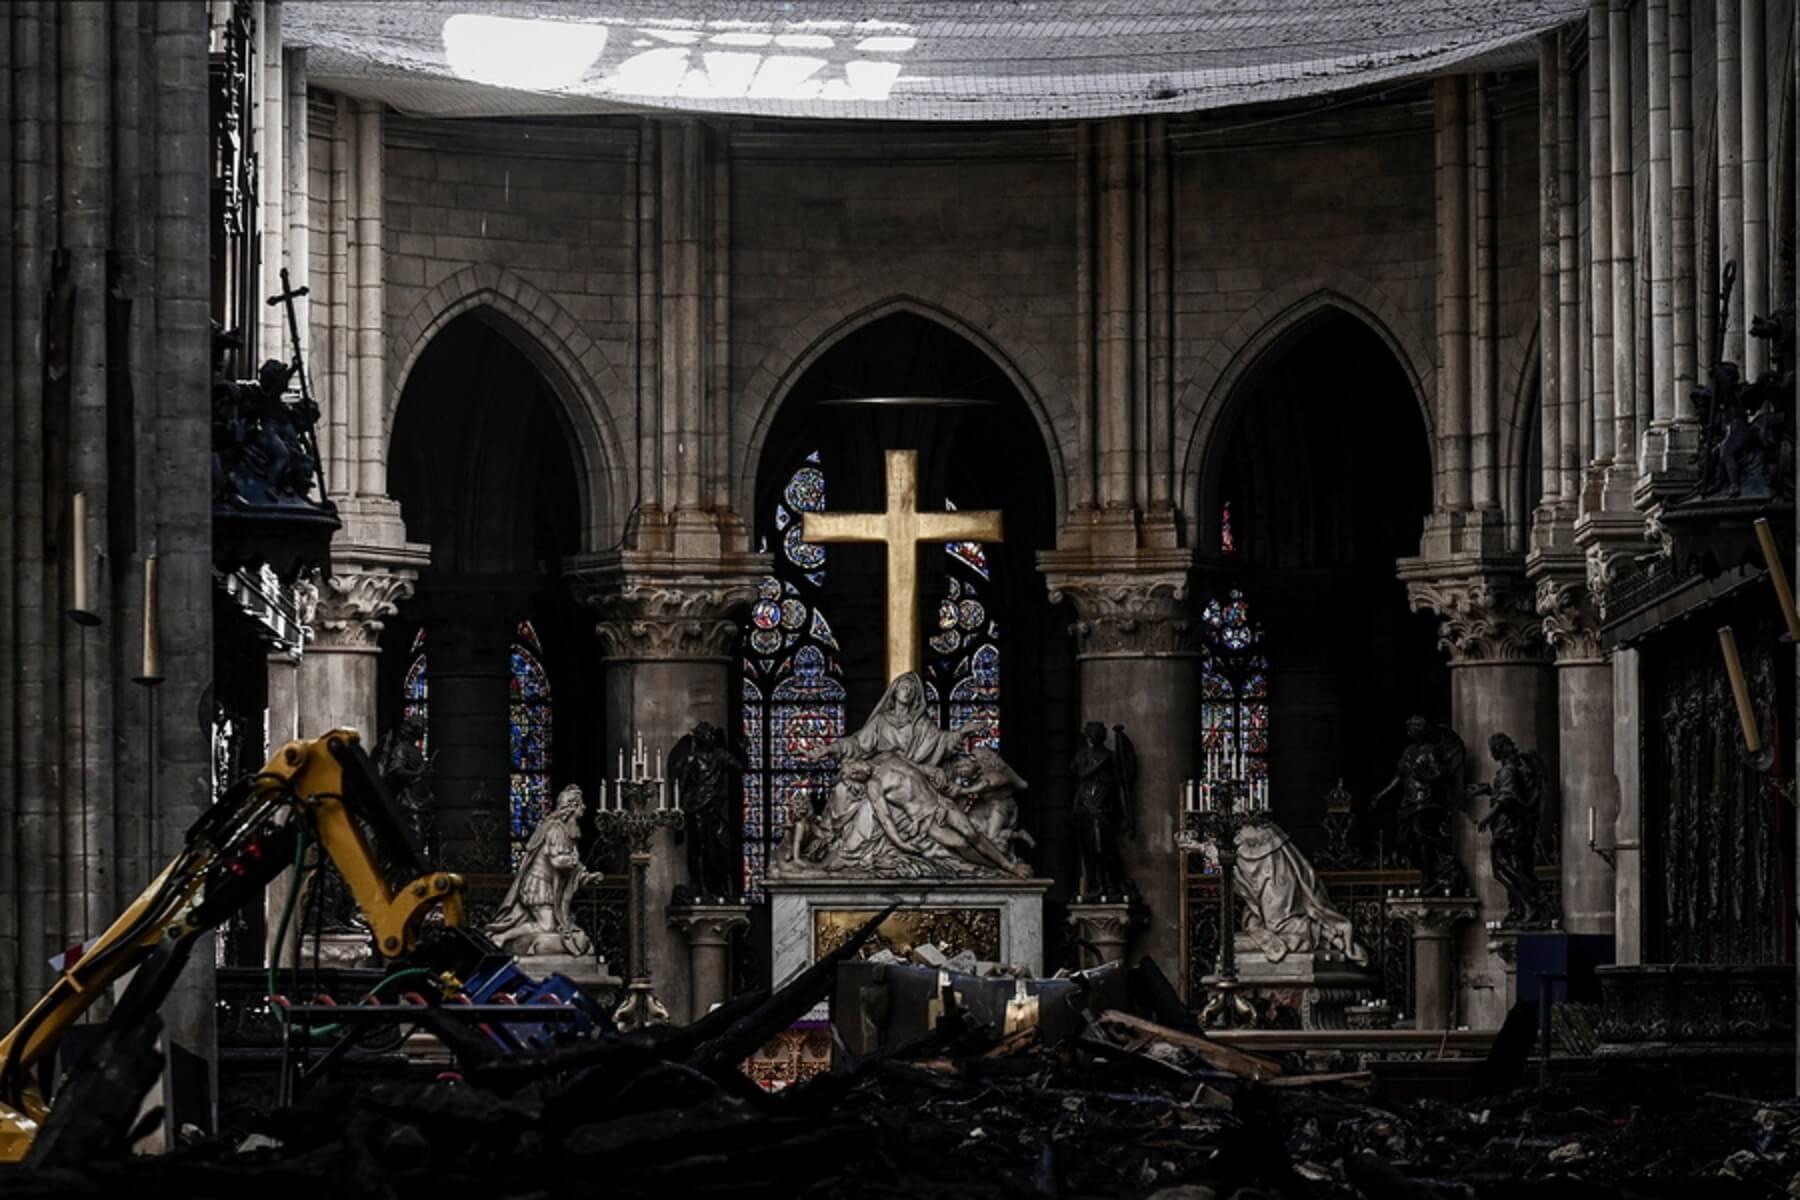 Πρώτη λειτουργία στην Παναγία των Παρισίων μετά την φωτιά